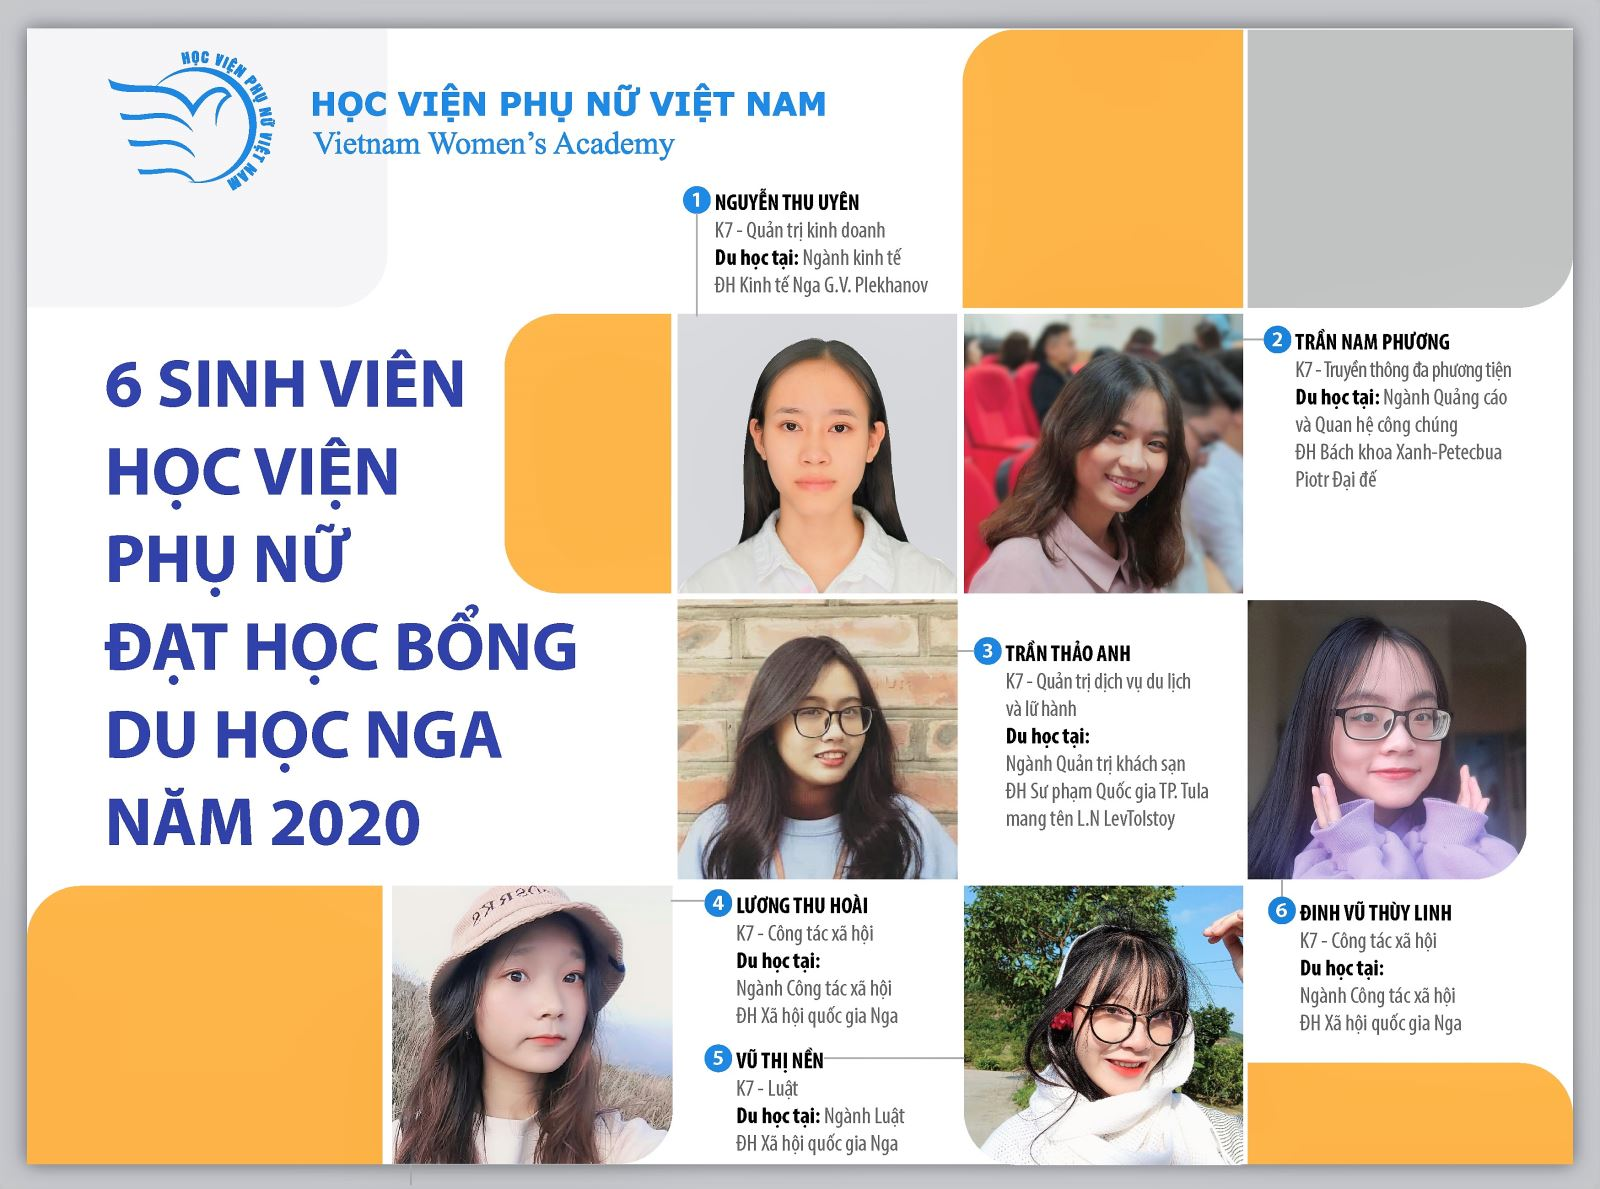 6 SV Học viện Phụ nữ VN đạt học bổng du học Nga